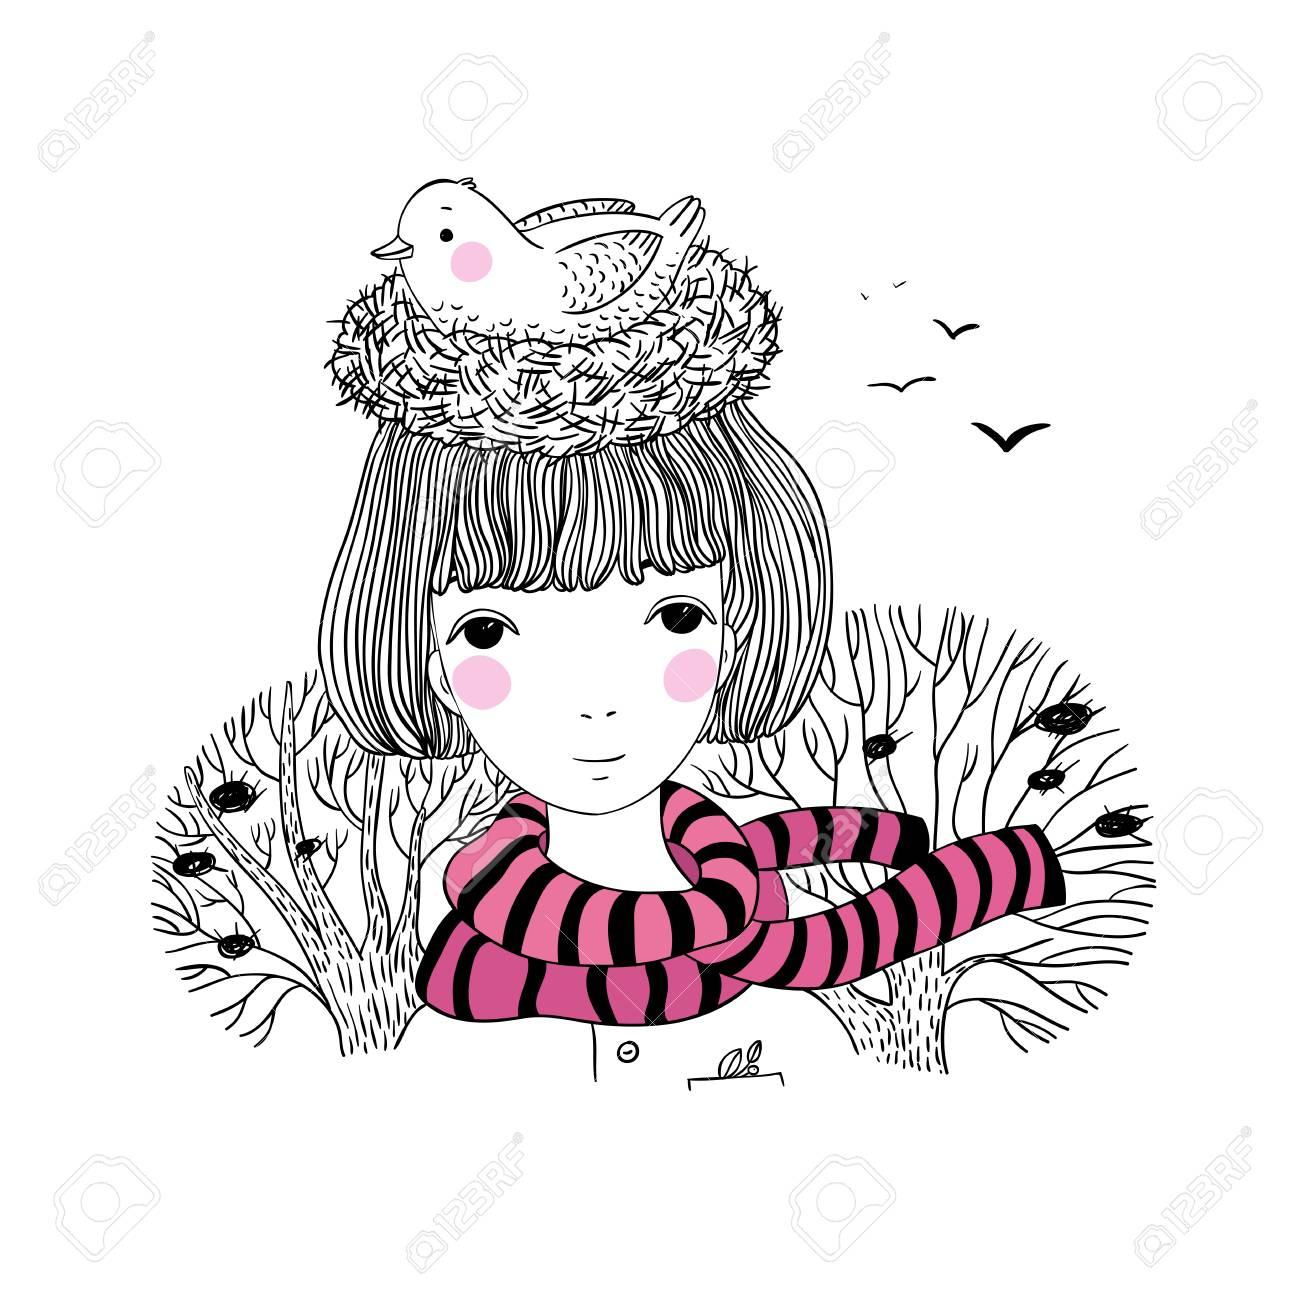 Belle Jeune Fille Et Un Oiseau Dans Un Nid Dessin à La Main Dobjets Isolés Sur Fond Blanc Illustration Vectorielle Thème Dautomne